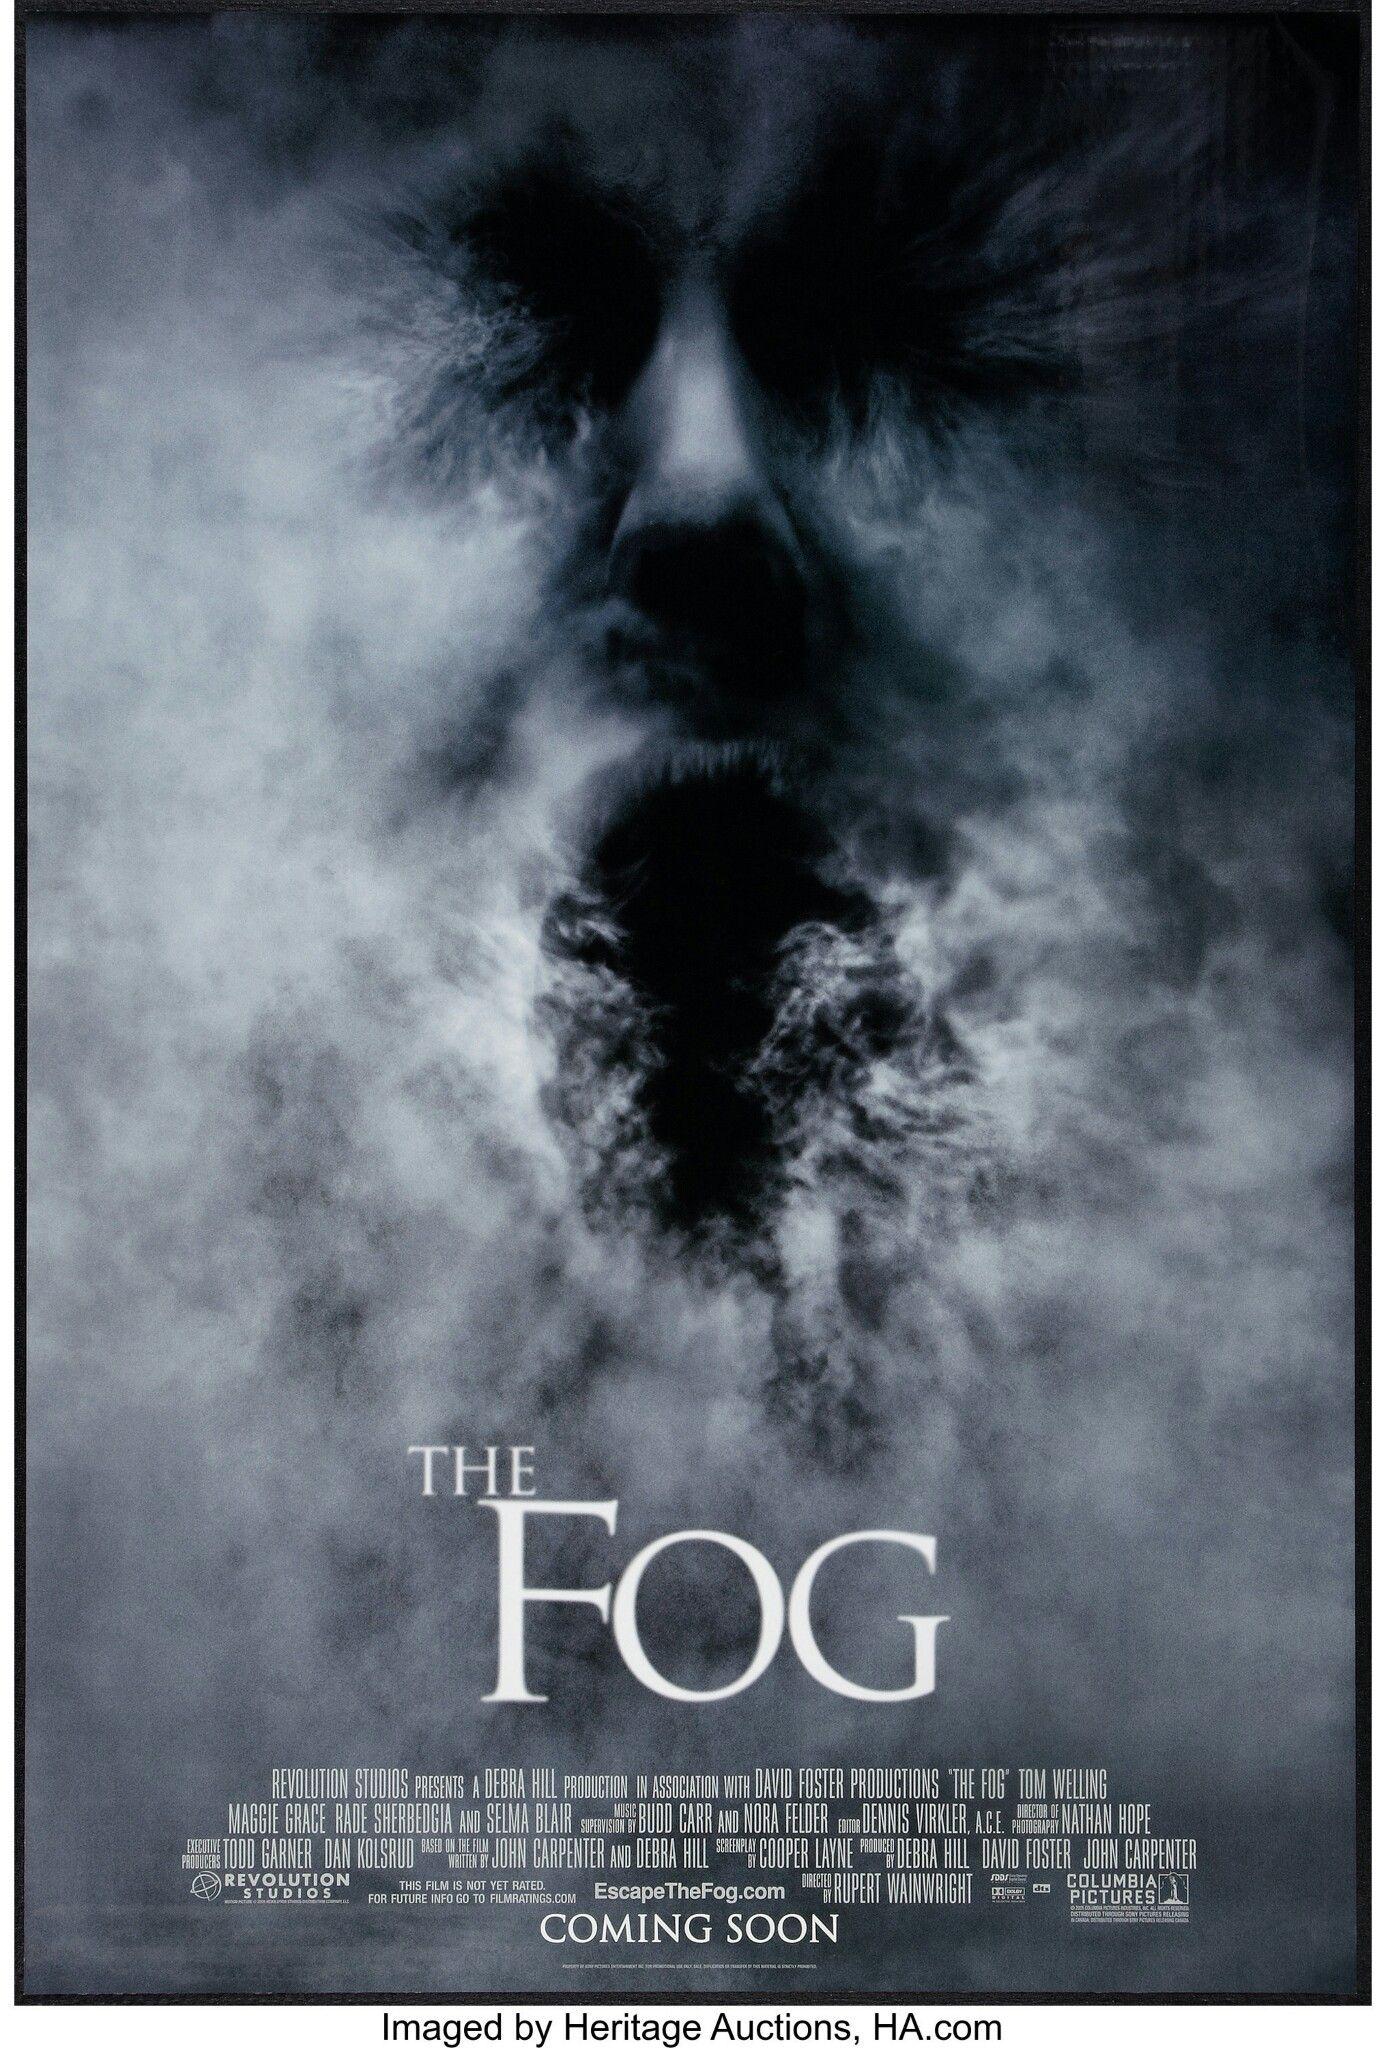 The Fog 2005 Cartaz De Filme Filmes E Cartaz